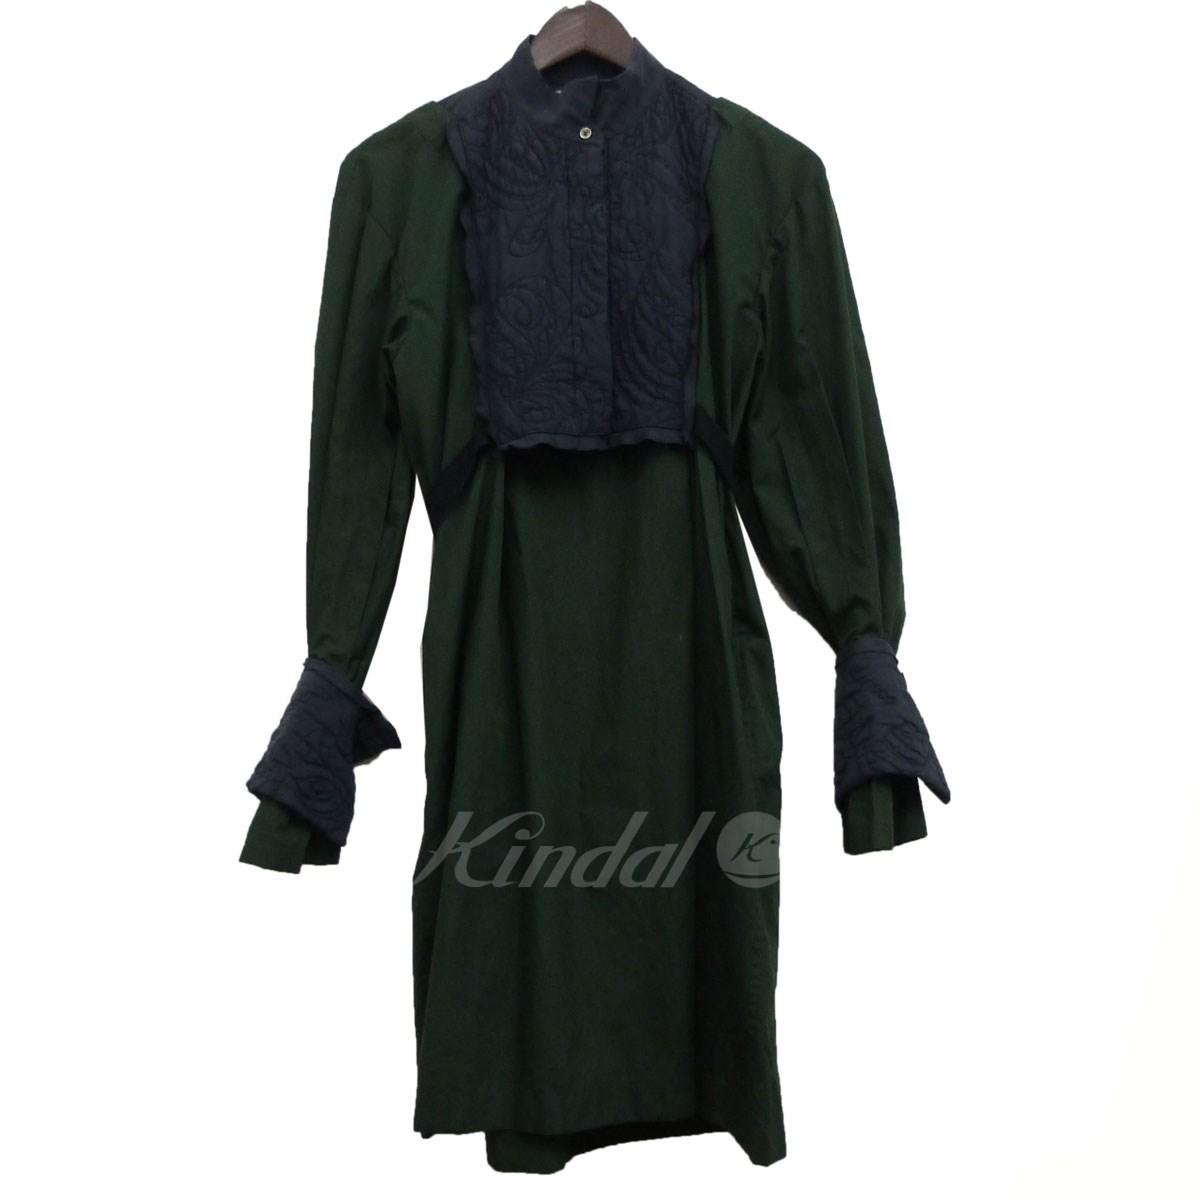 【中古】sacai フロント刺繍シャツワンピース グリーン サイズ:2 【送料無料】 【080419】(サカイ)